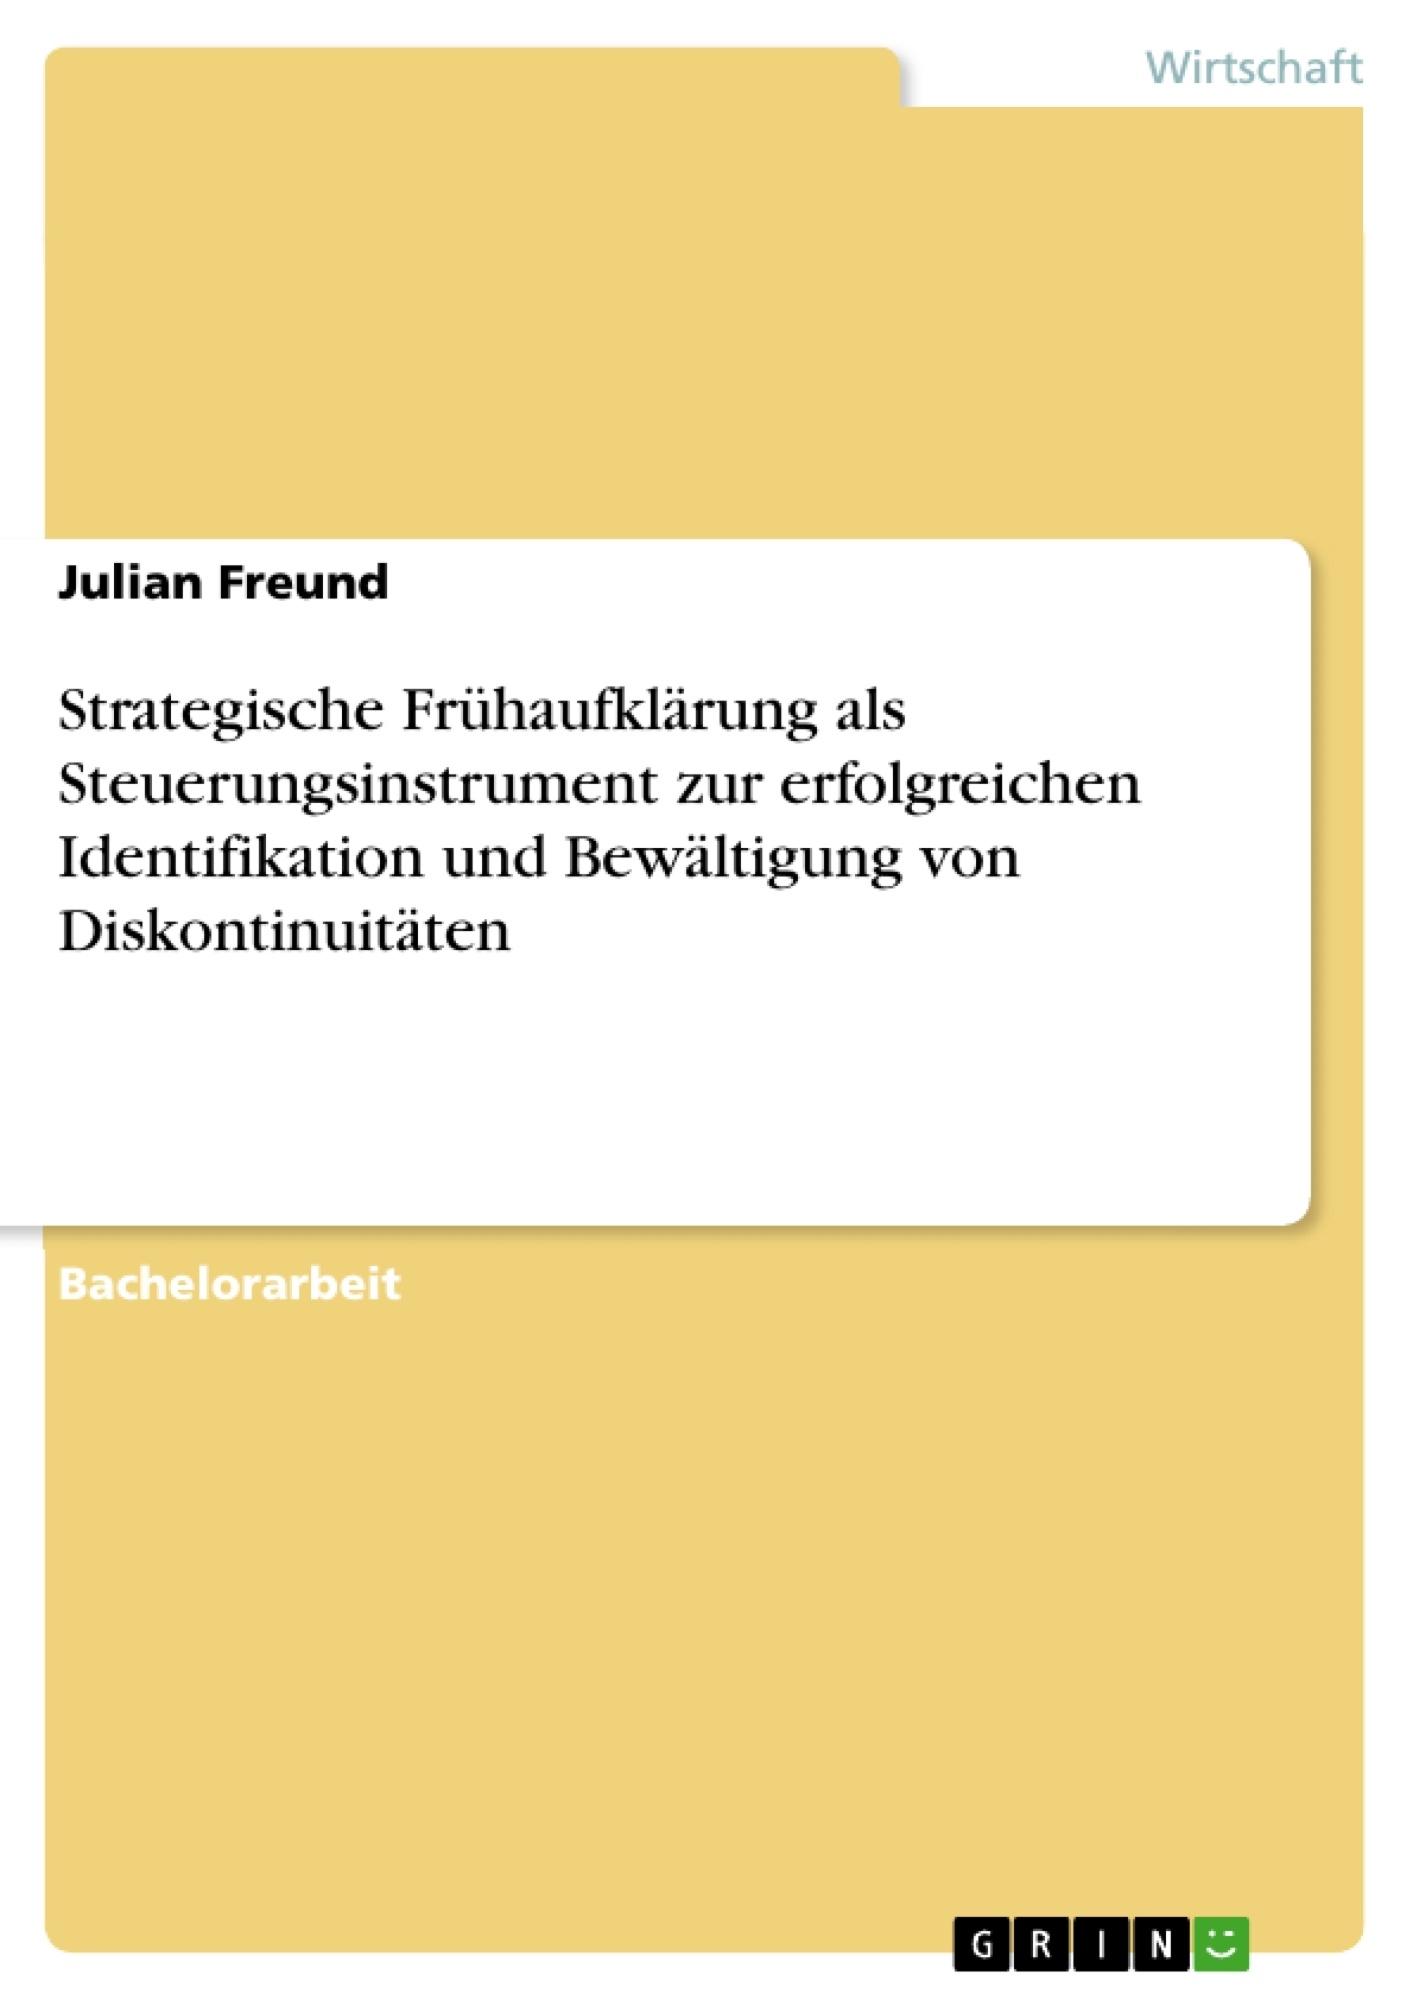 Titel: Strategische Frühaufklärung als Steuerungsinstrument zur erfolgreichen Identifikation und Bewältigung von Diskontinuitäten